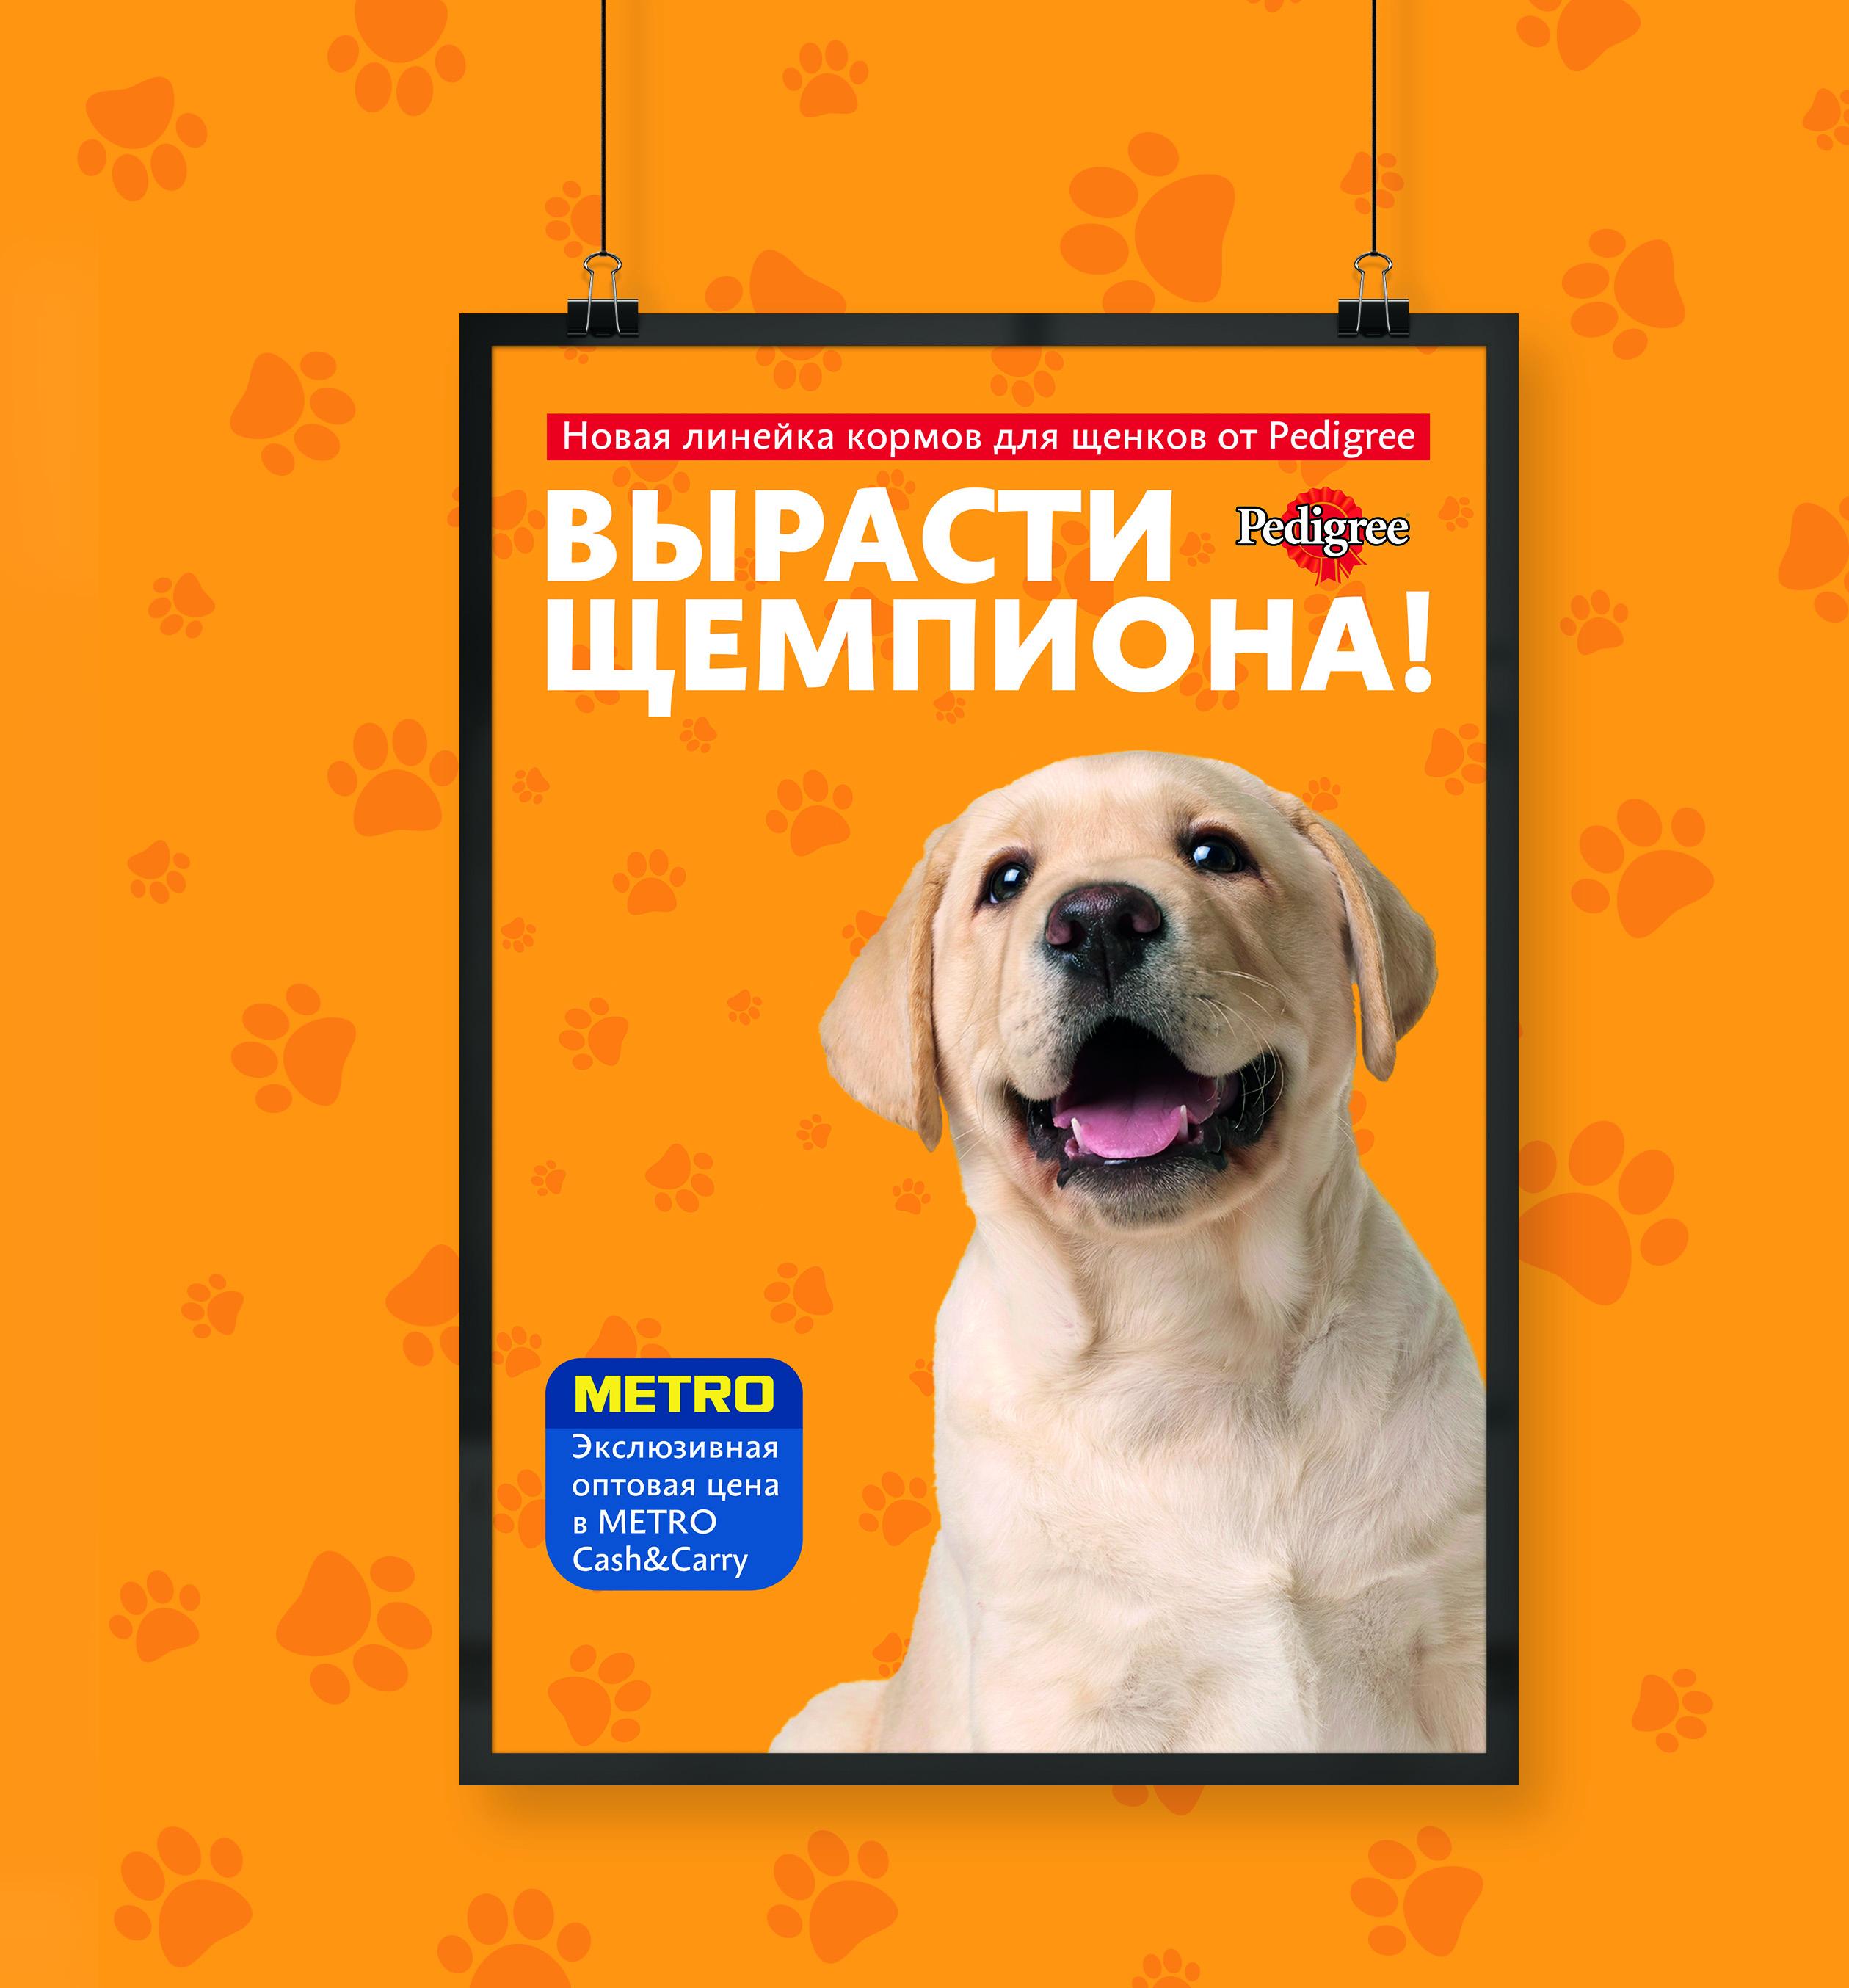 Рекламный плакат на улицу